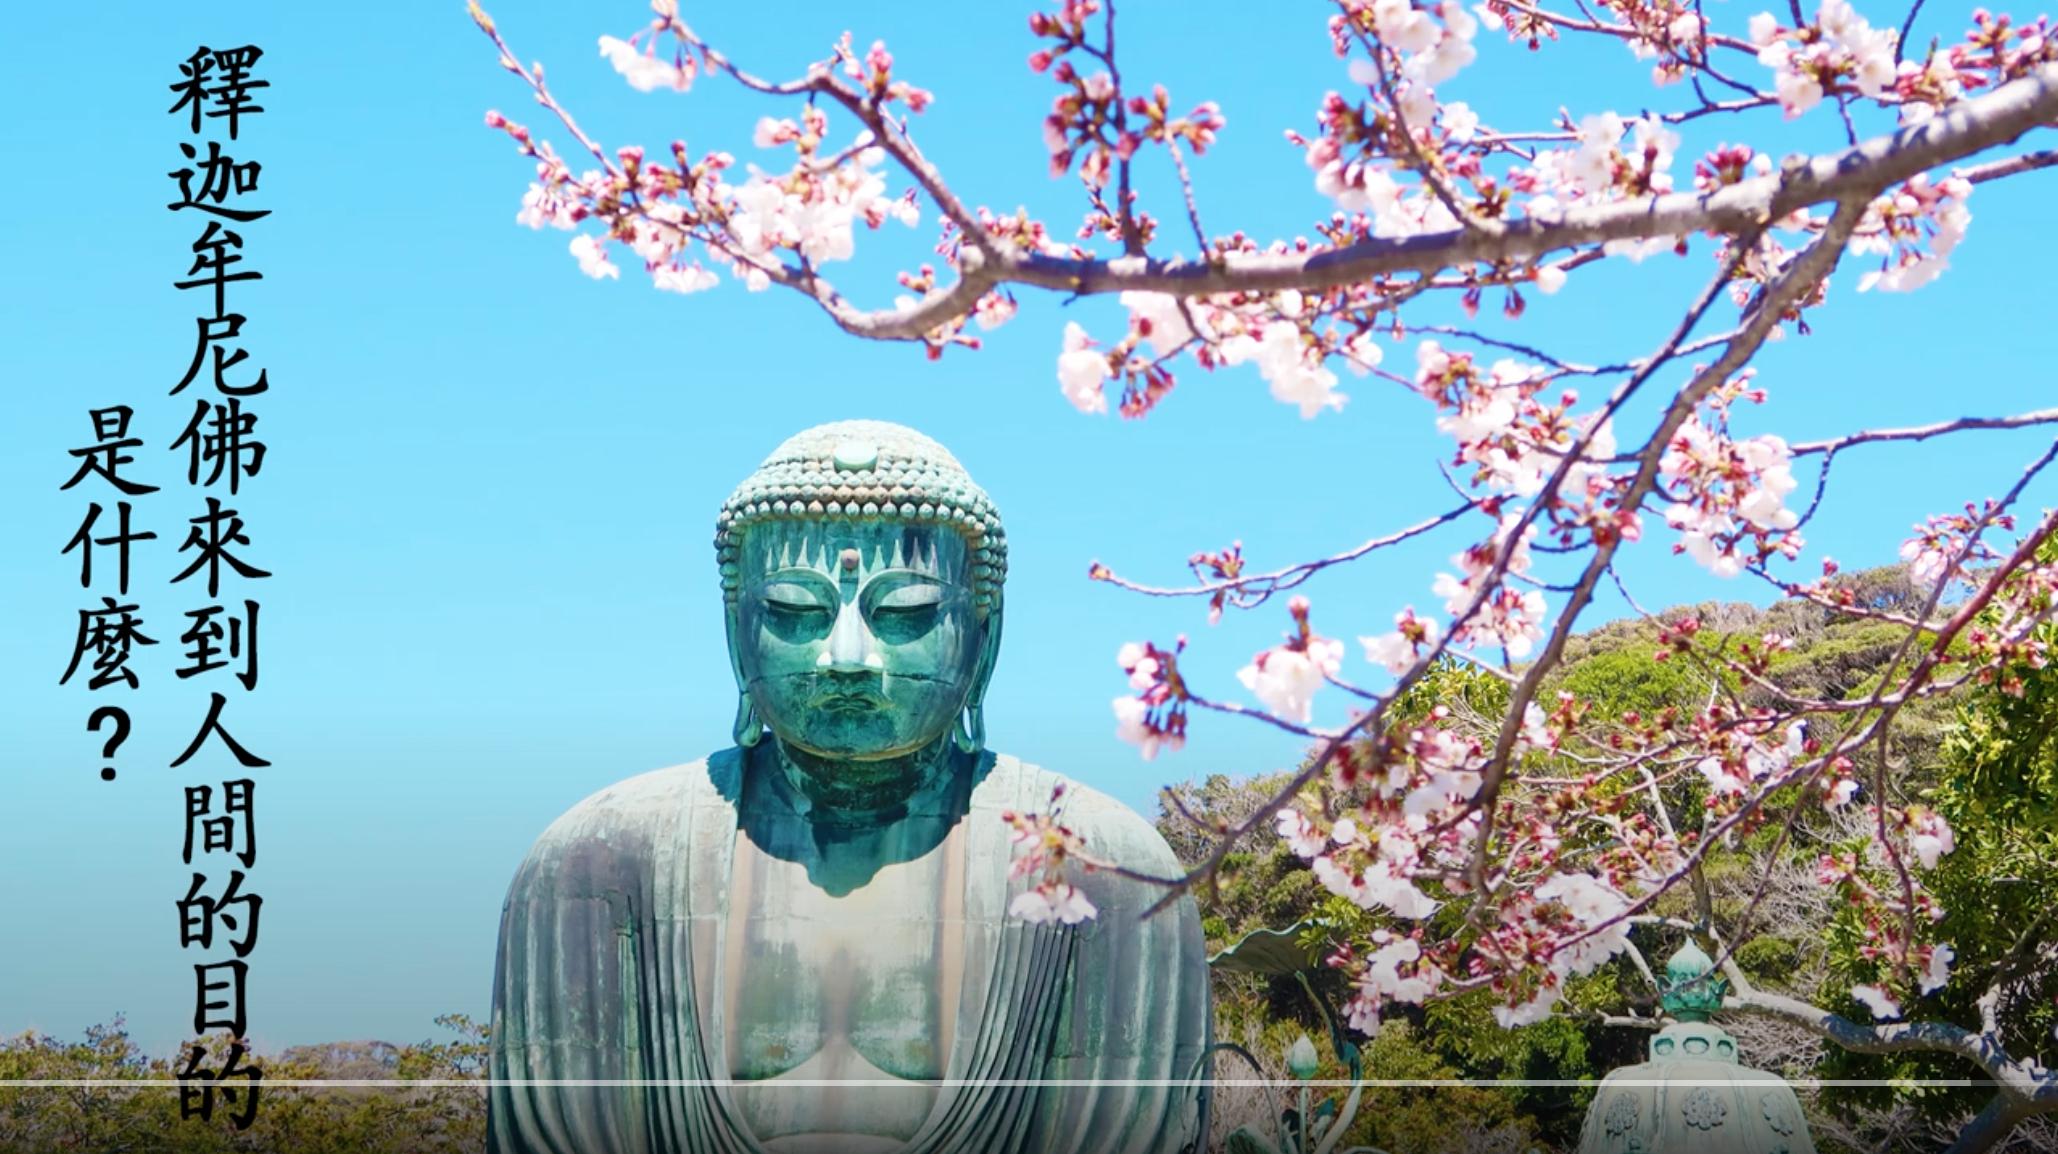 浄空大師為什麼哭了?怎樣才能不下地獄?浄空大師教給我們的秘絕是什麼?🌞現在大家因為疫情,不能去日本旅遊,那就看看浪漫櫻花裡的鎌倉大佛吧!給您及家人增添福報,增添幸福和平安!🌞